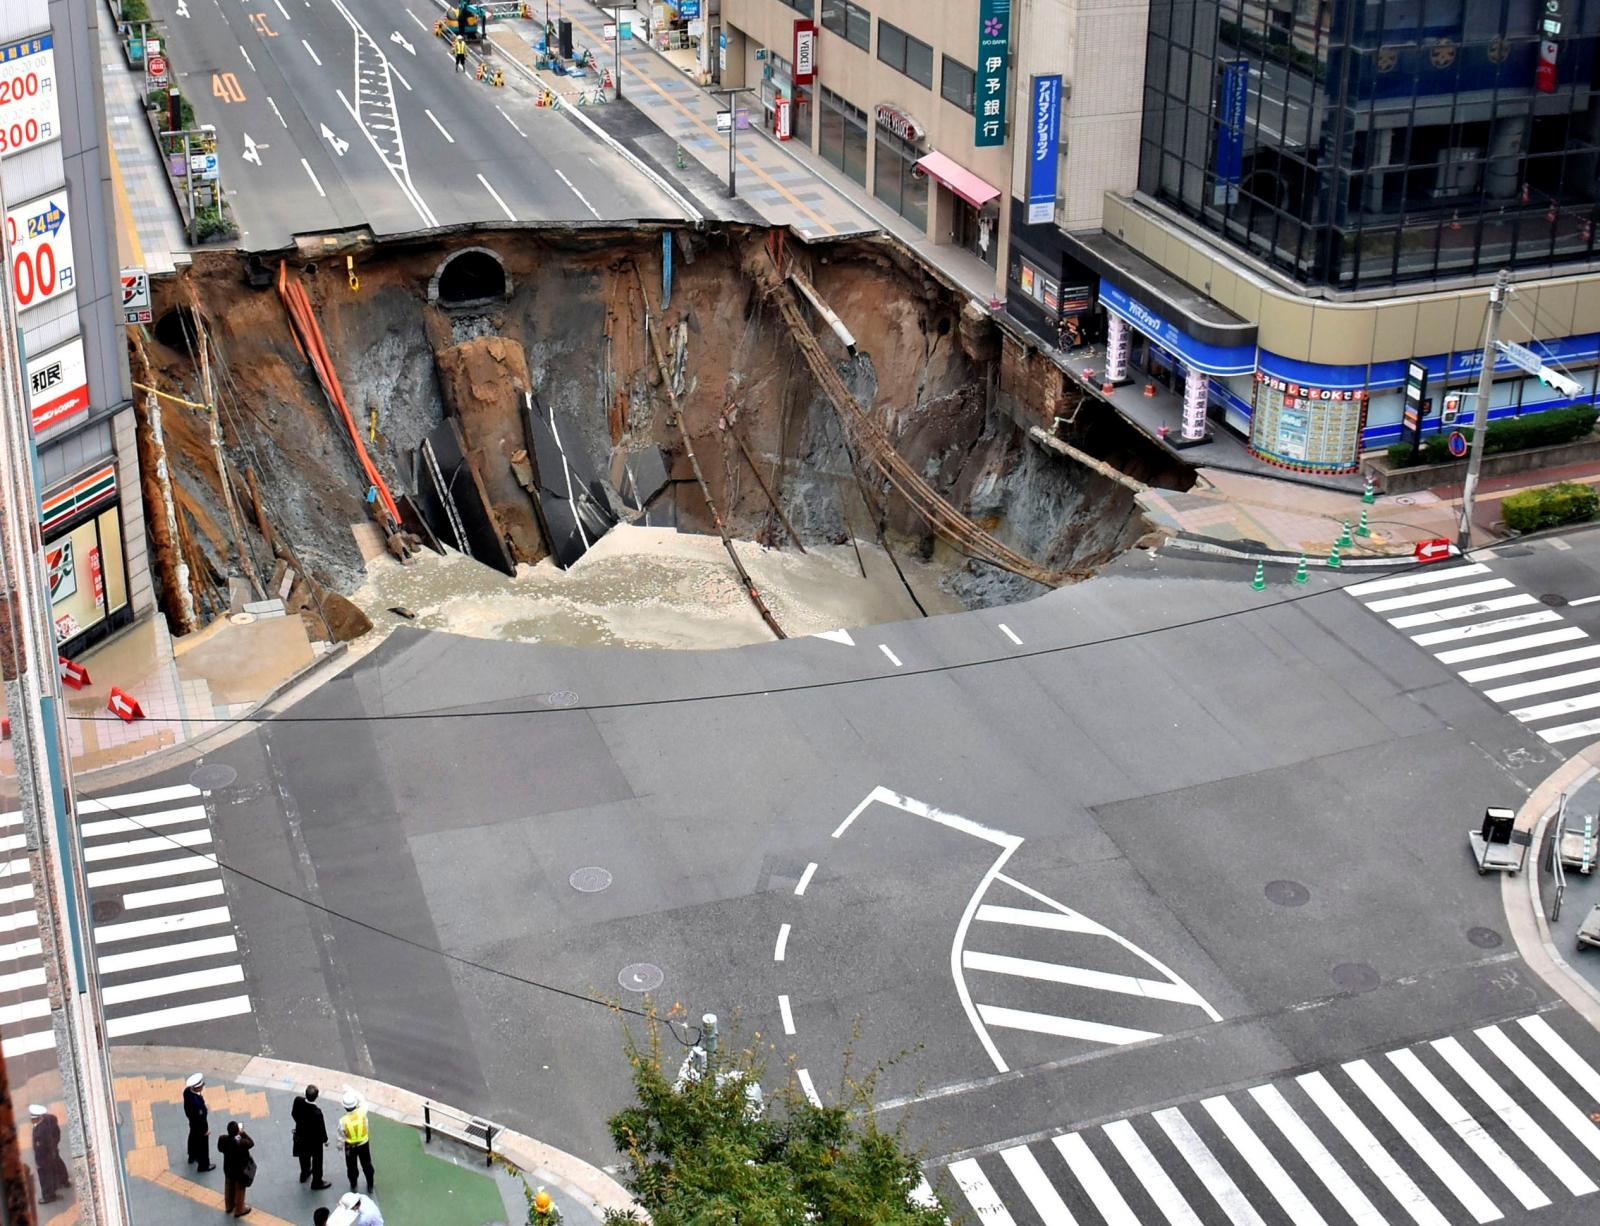 Tak to się robi w Japonii - w tydzień naprawili 30-metrową dziurę ciekawostki mediarun hole japan